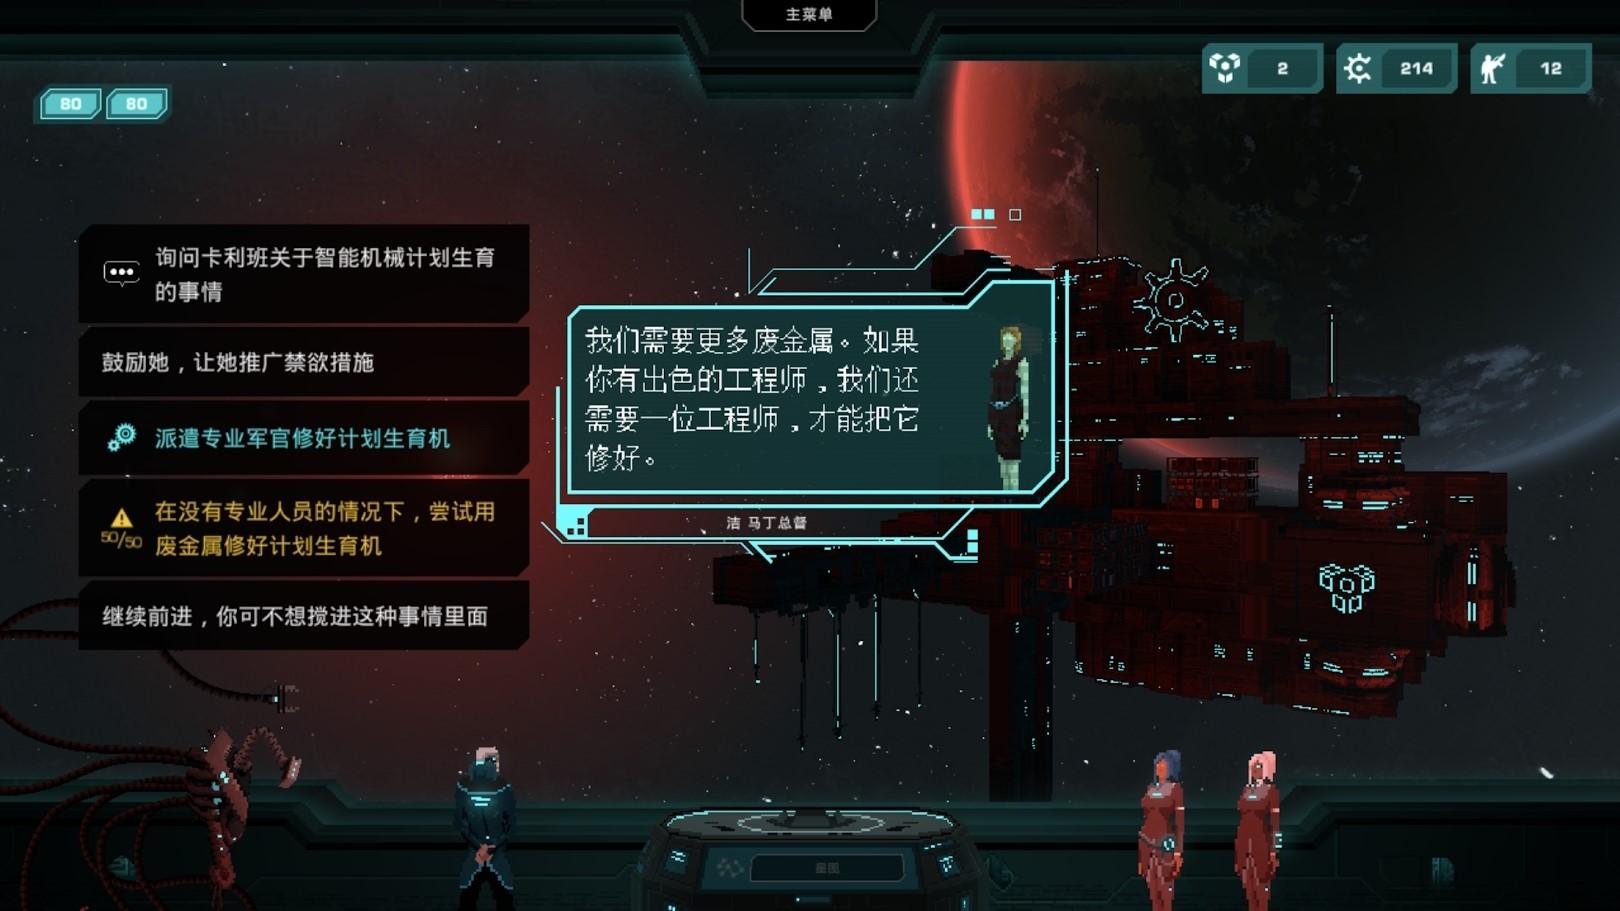 哀恸之日手机版破解版游戏截图